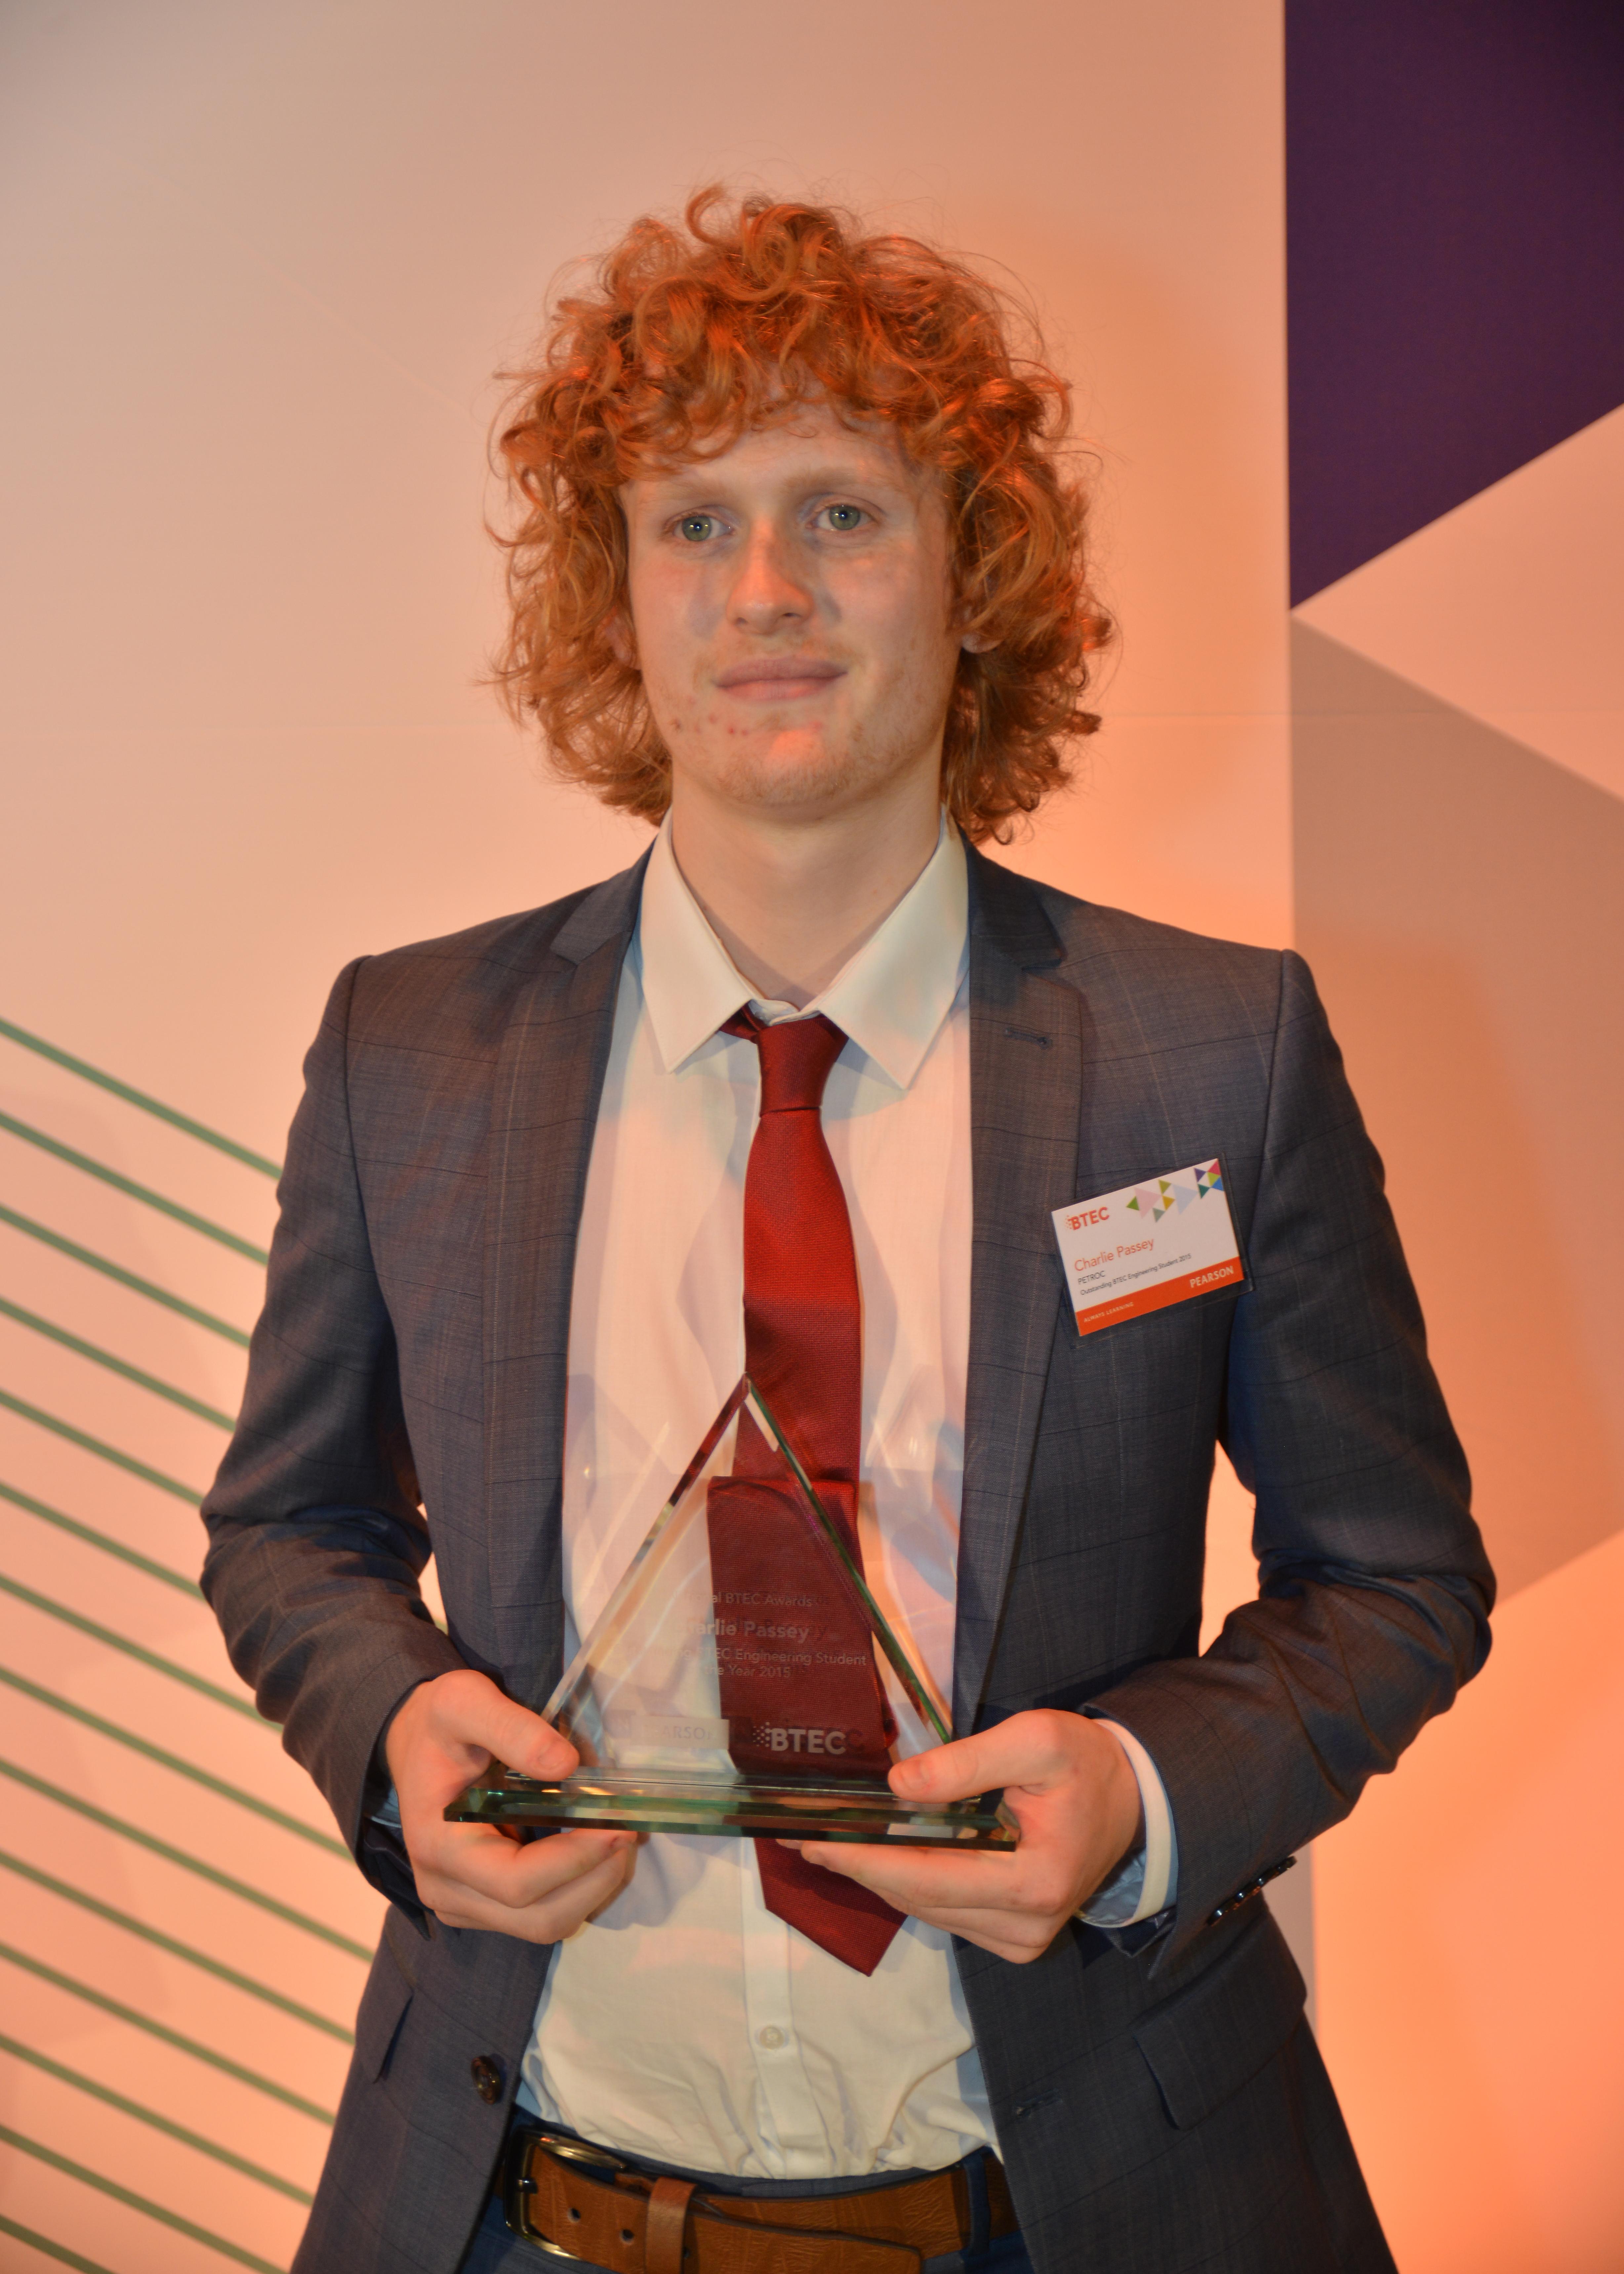 Charlie Passey, aged 20, Petroc College (Devon)